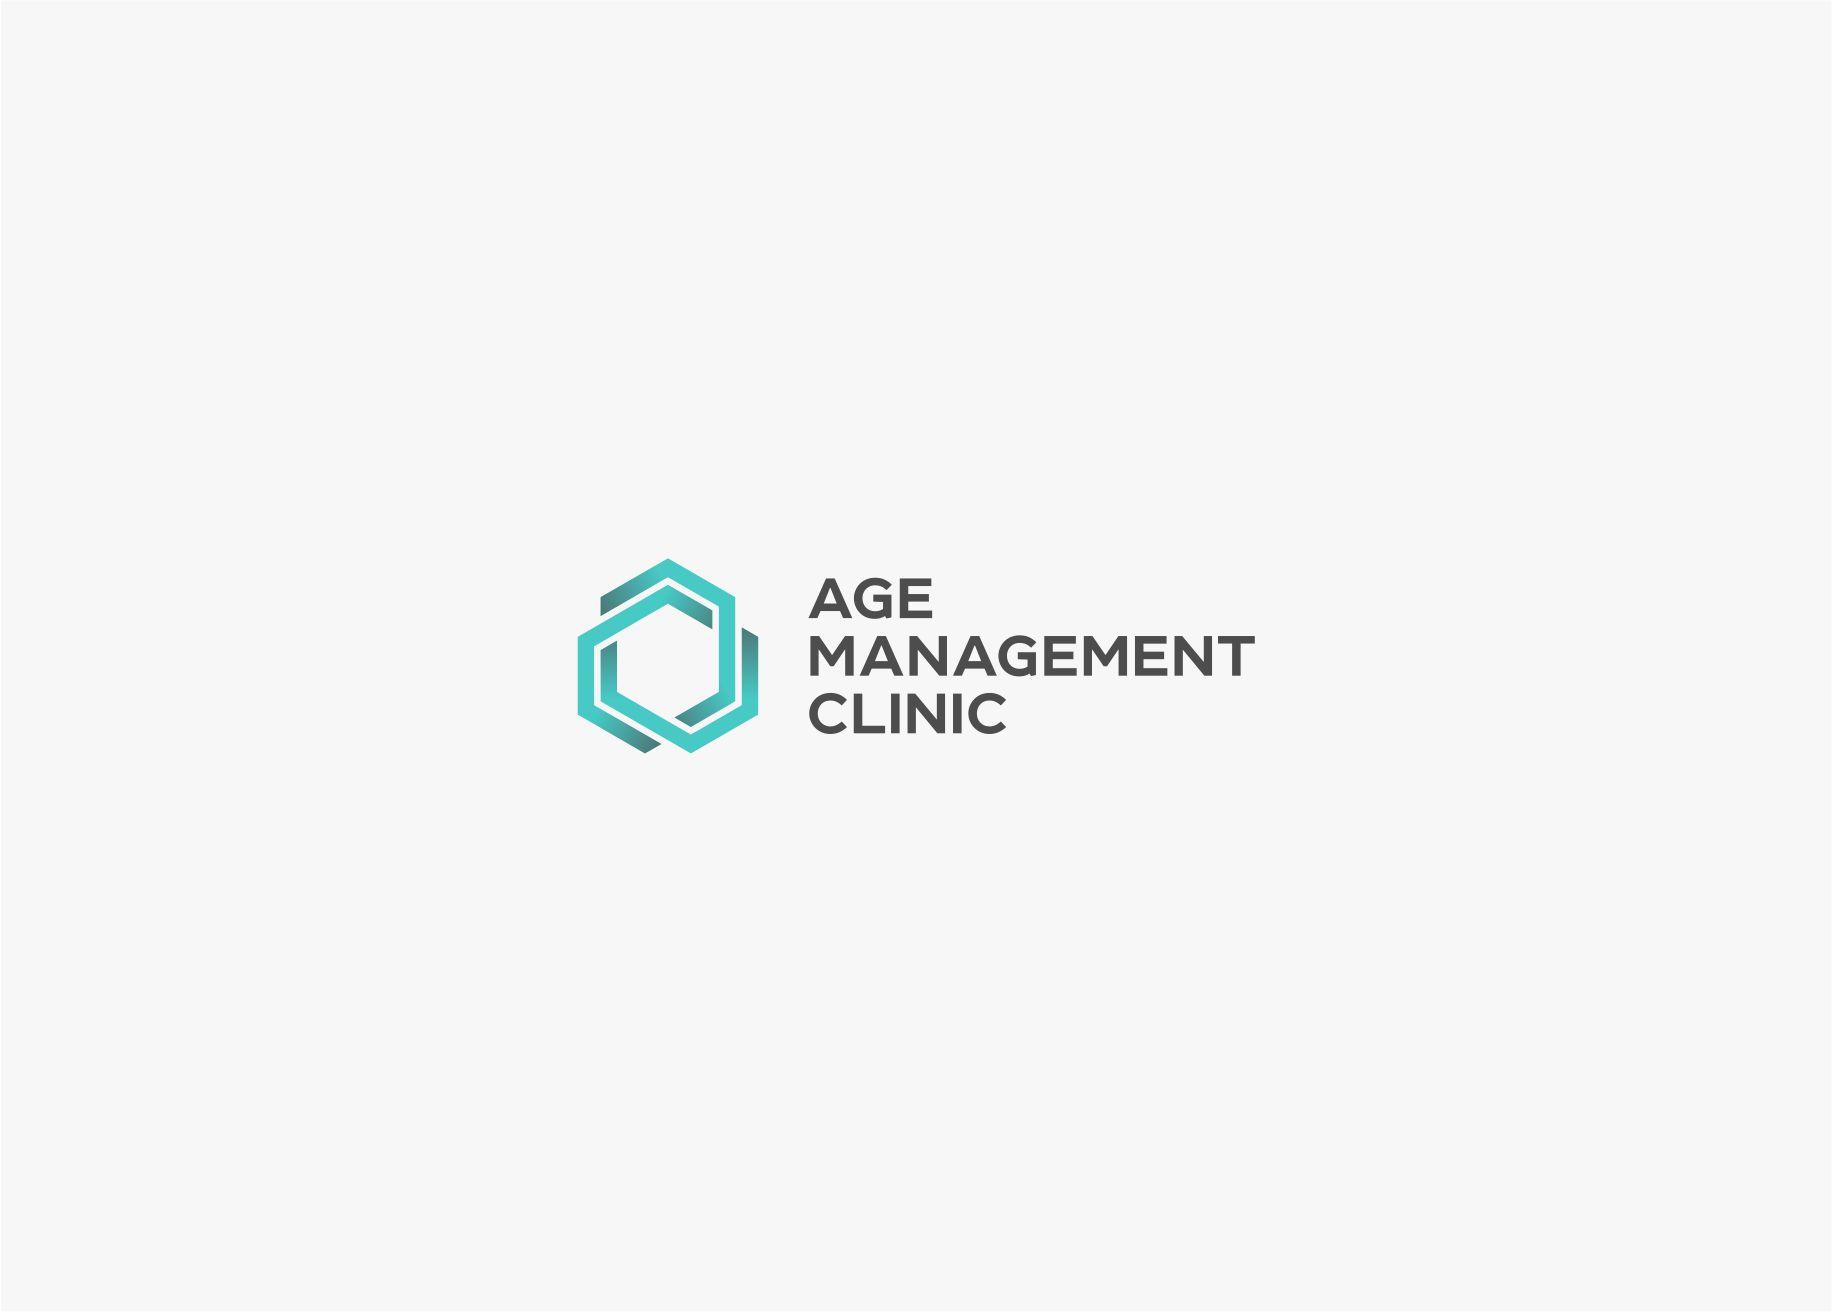 Логотип для медицинского центра (клиники)  фото f_7125b98f6f4144d9.jpg